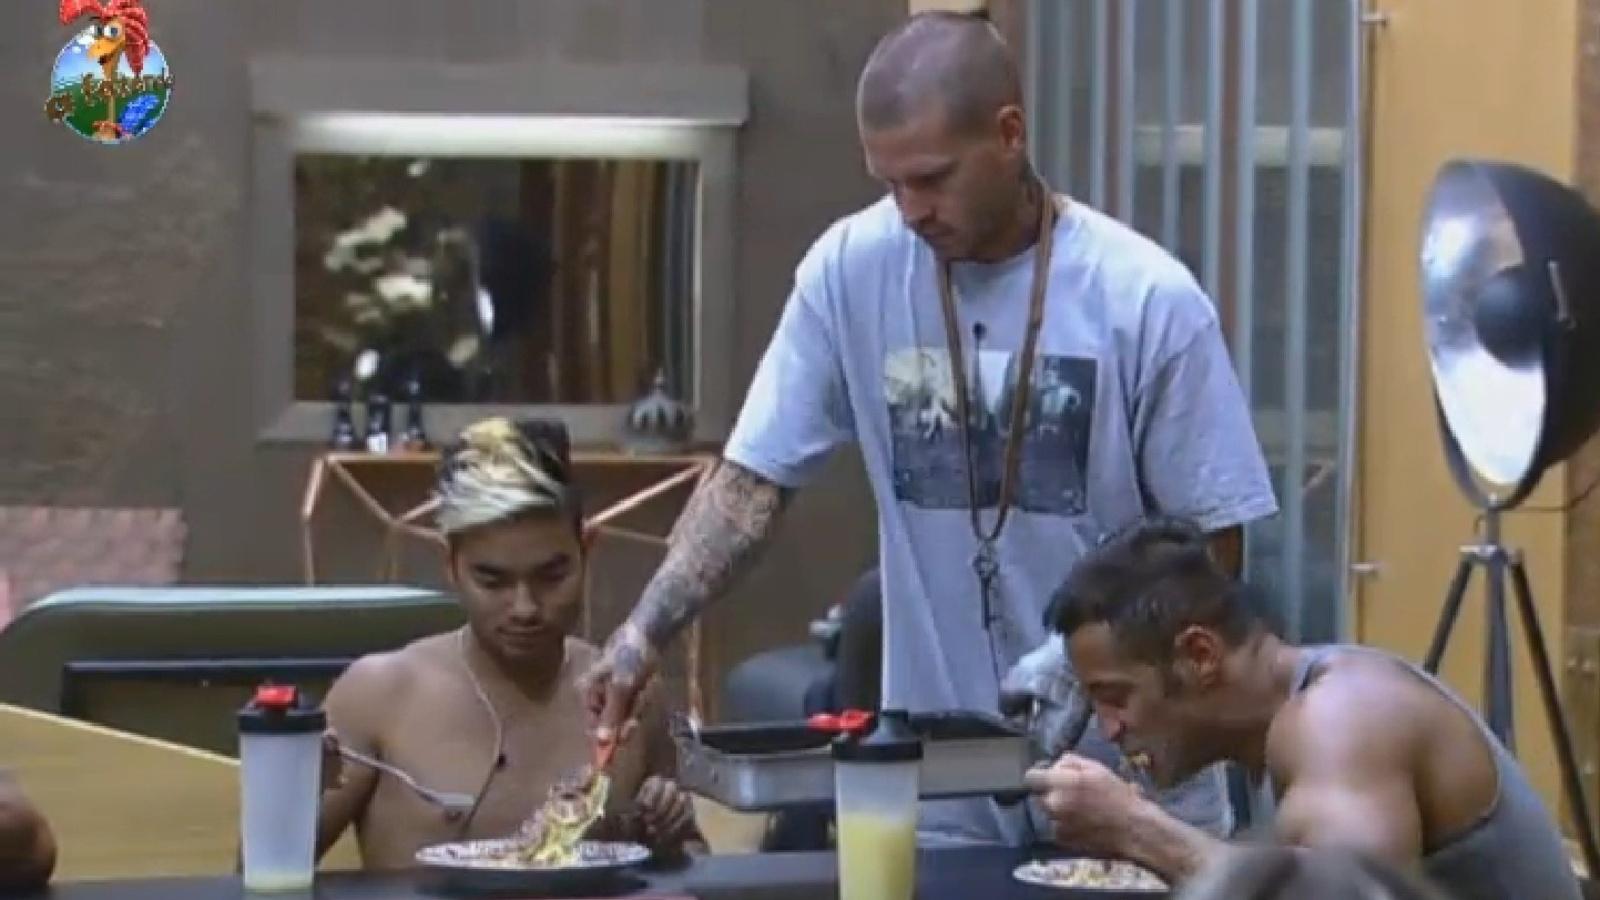 24.ago.2013 - Mateus serve berinjela preparada por ele e recebe elogios dos peões